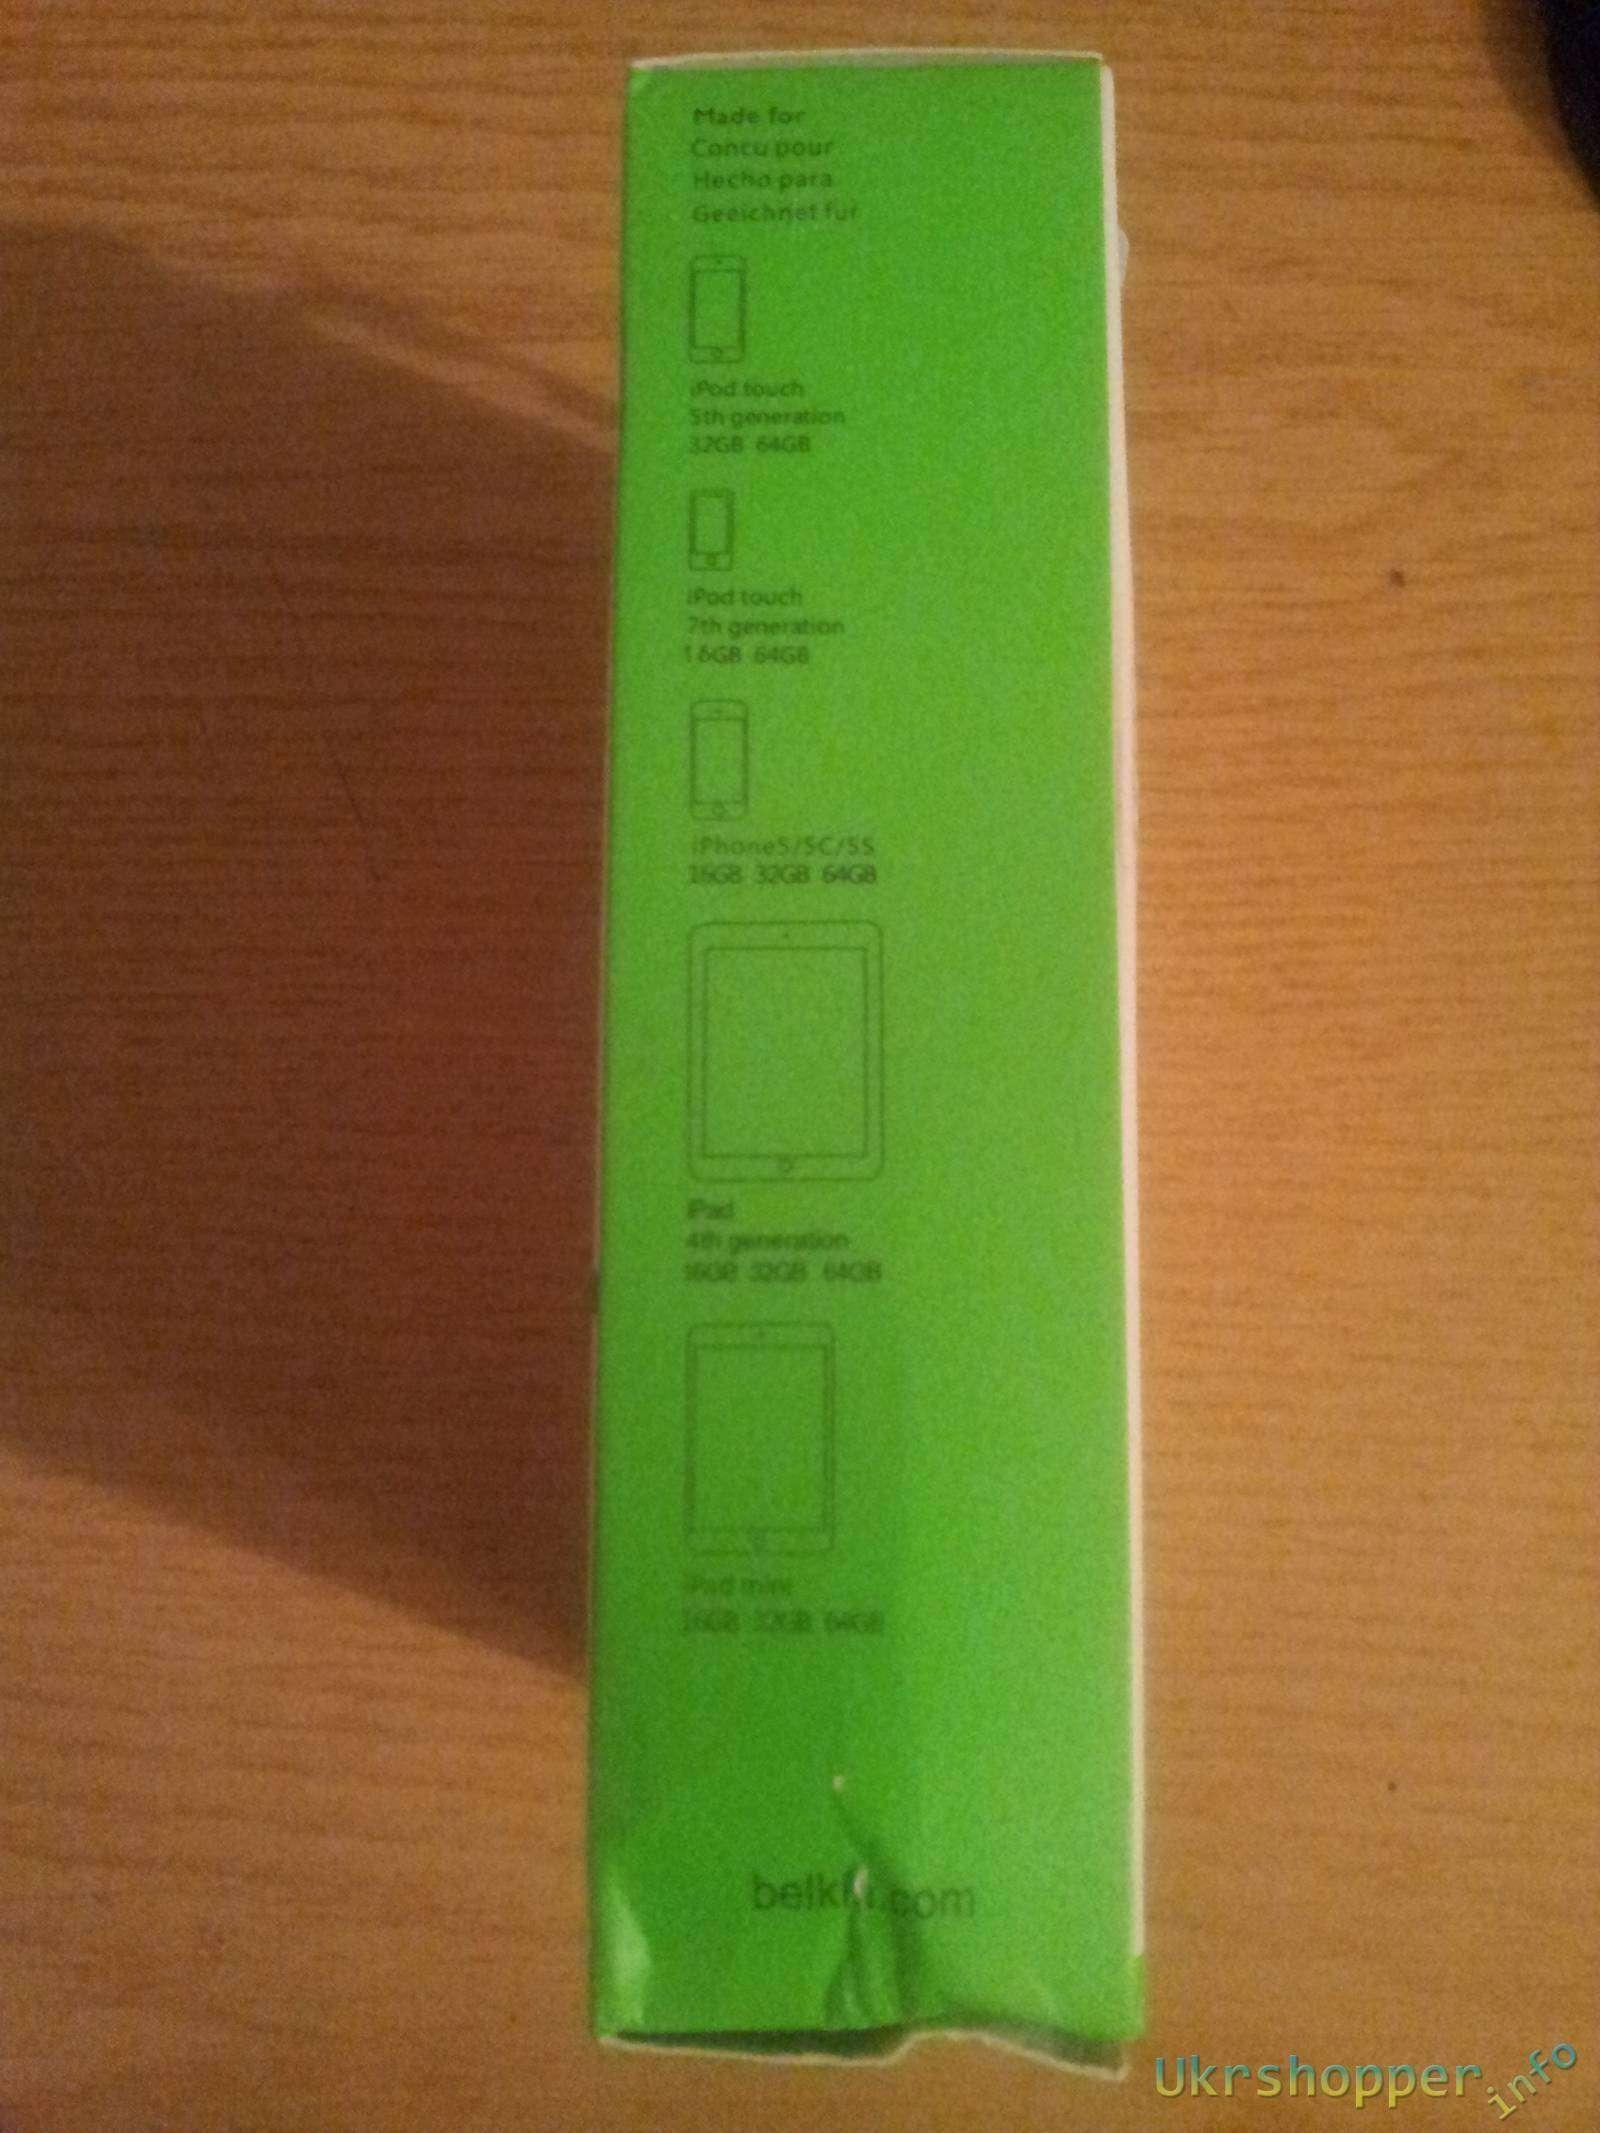 Ebay: Качественное автомобильное зарядное устройство на 2 USB гнезда 2,1 А от Belkin для Iphone